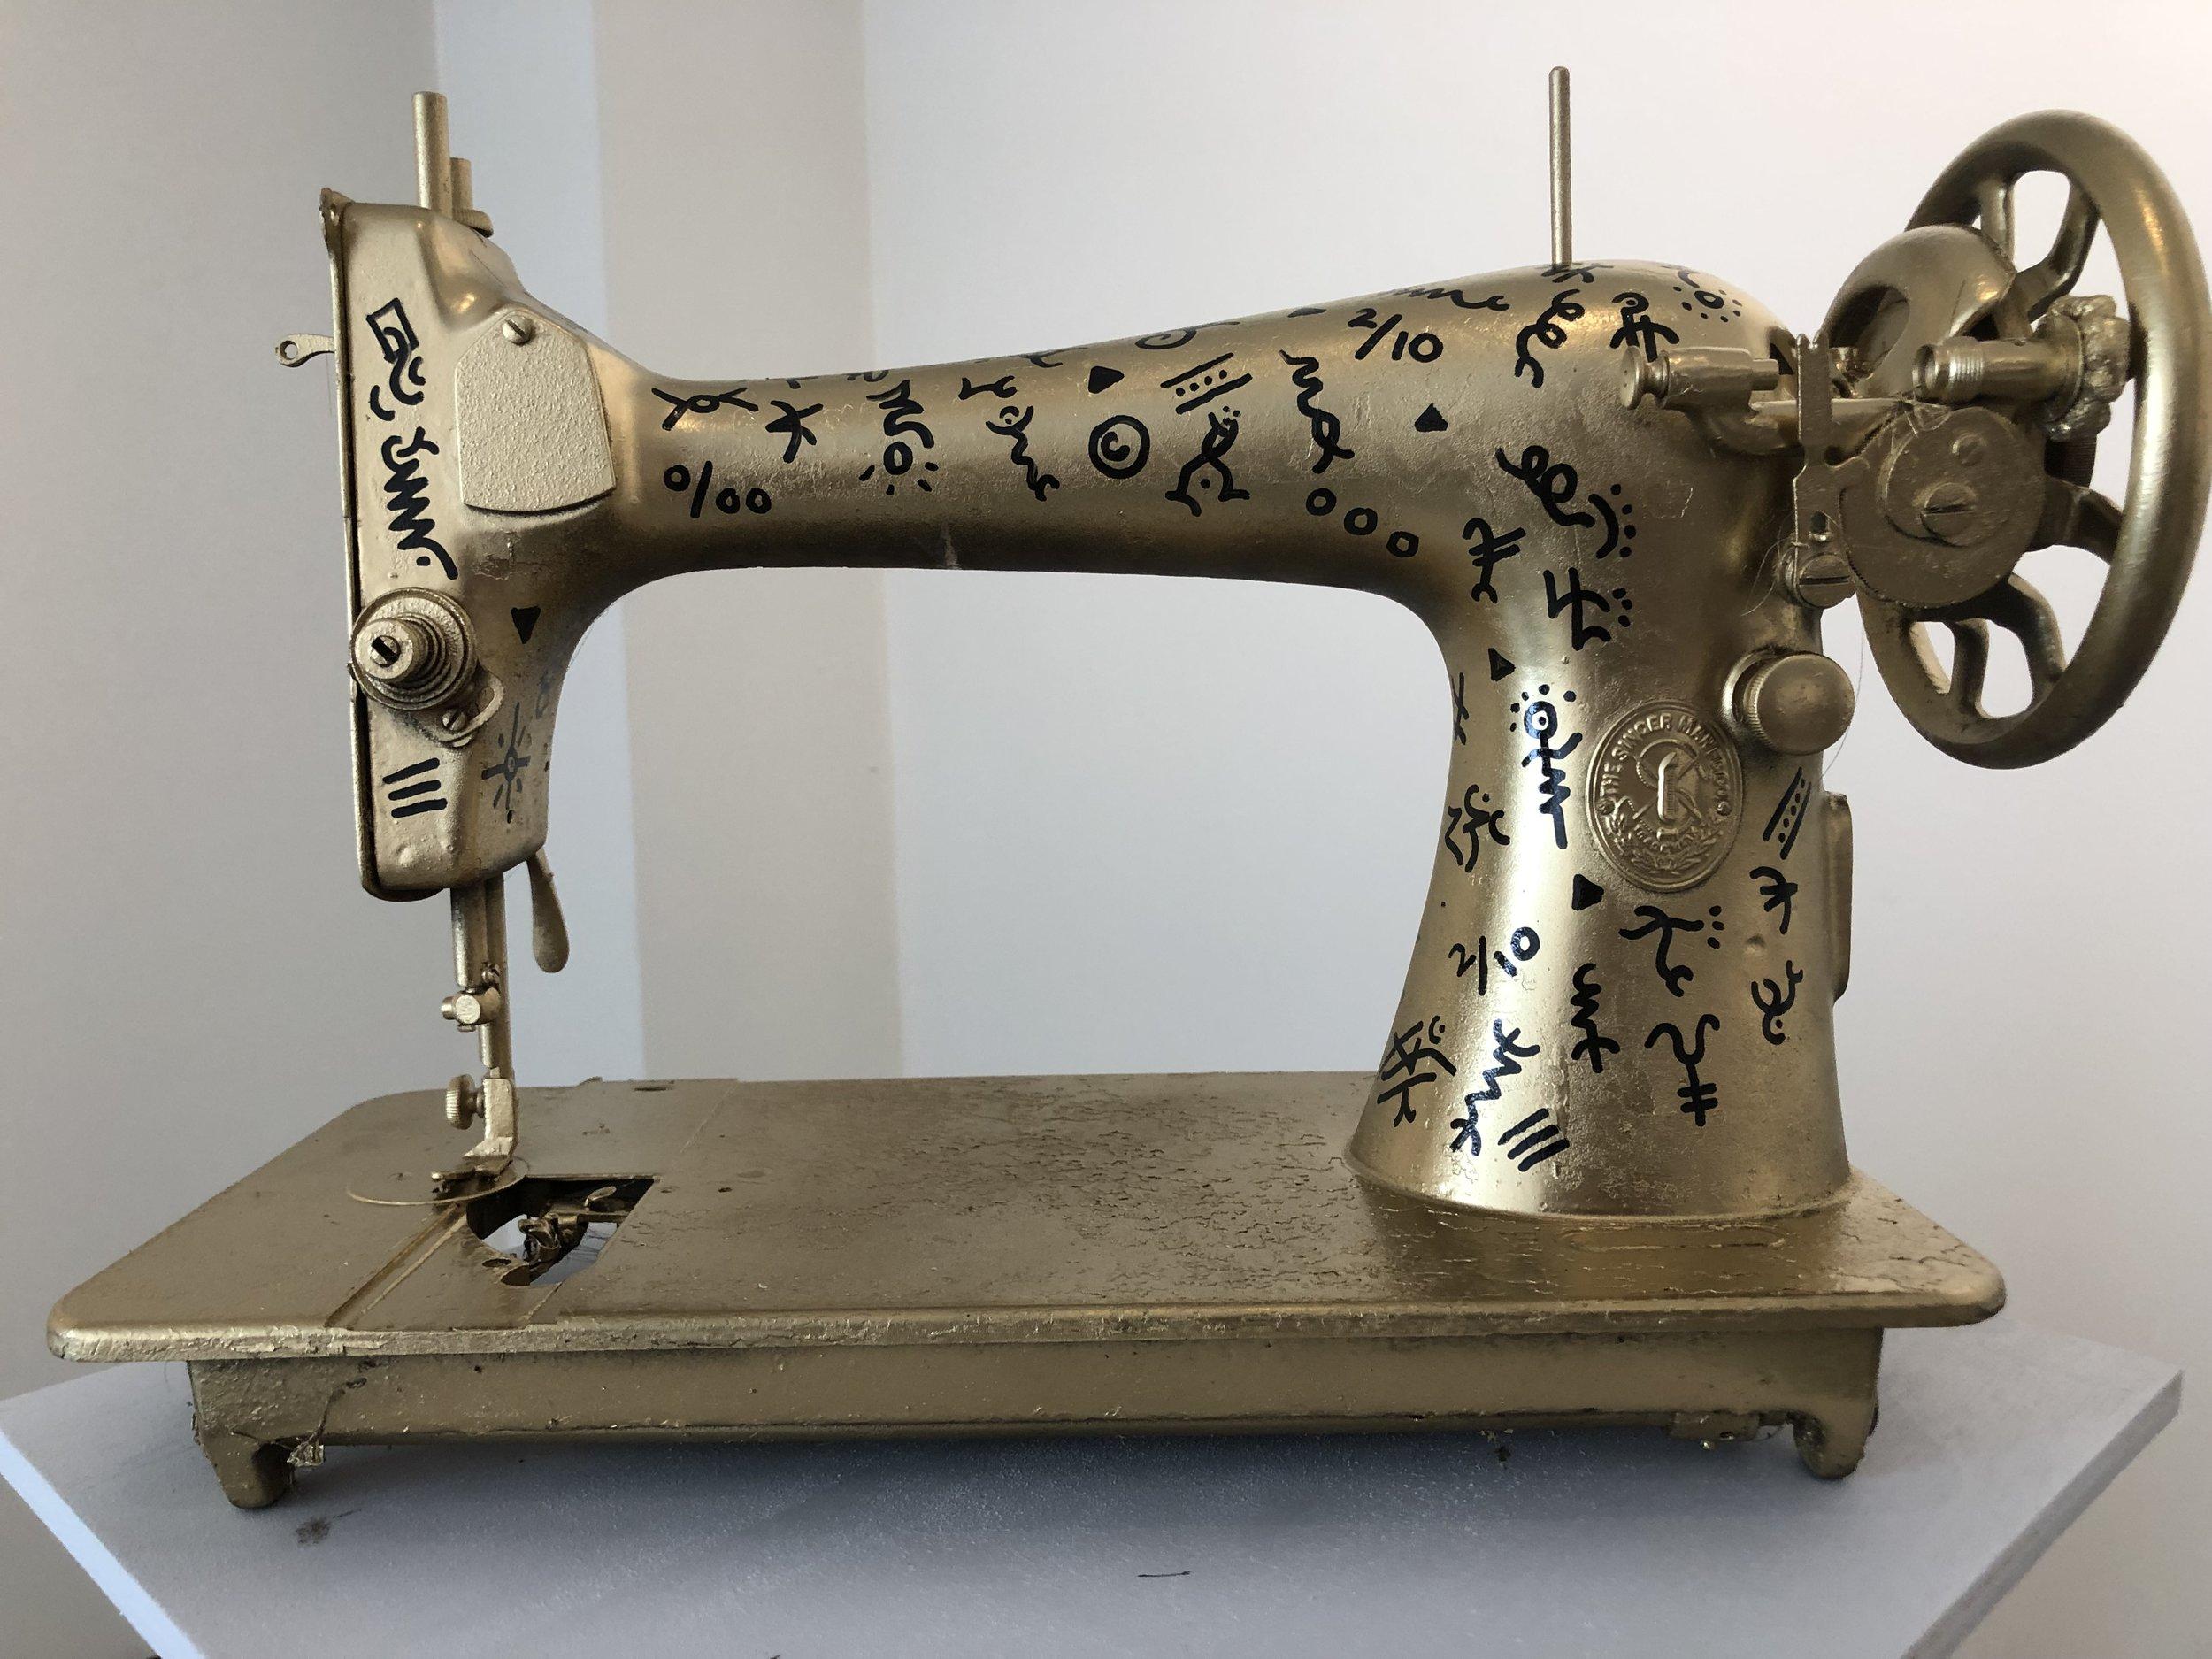 Thomas Jordan Antique Sewing Machine